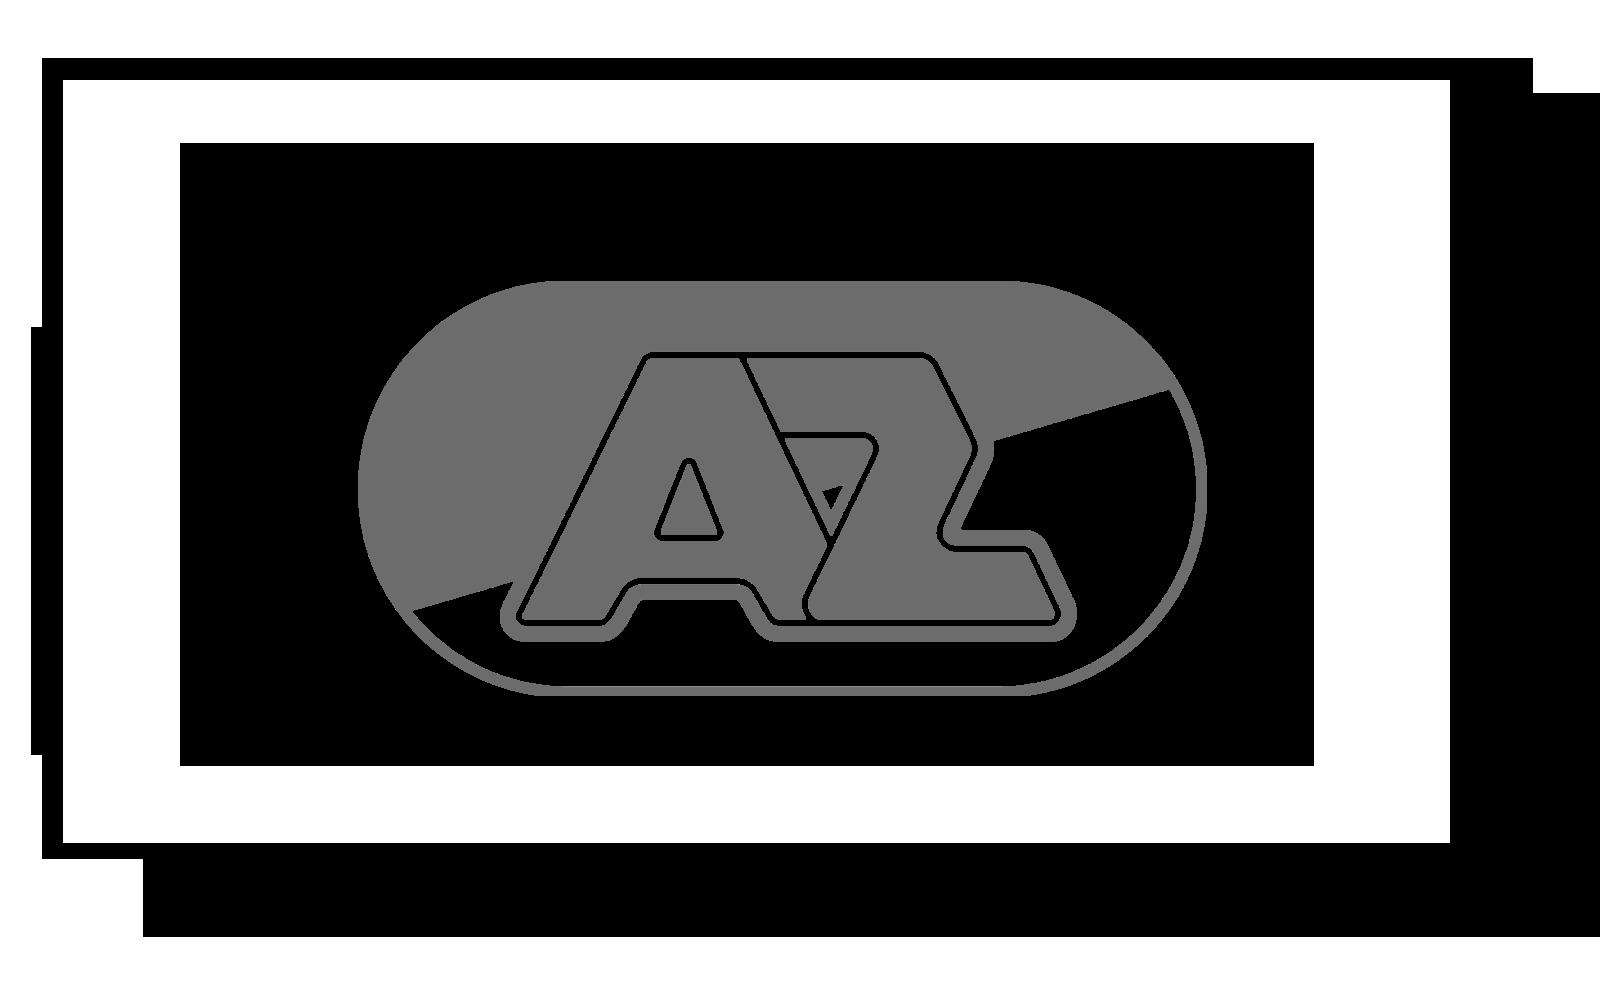 Voetbalclub AZ Airdome EBS